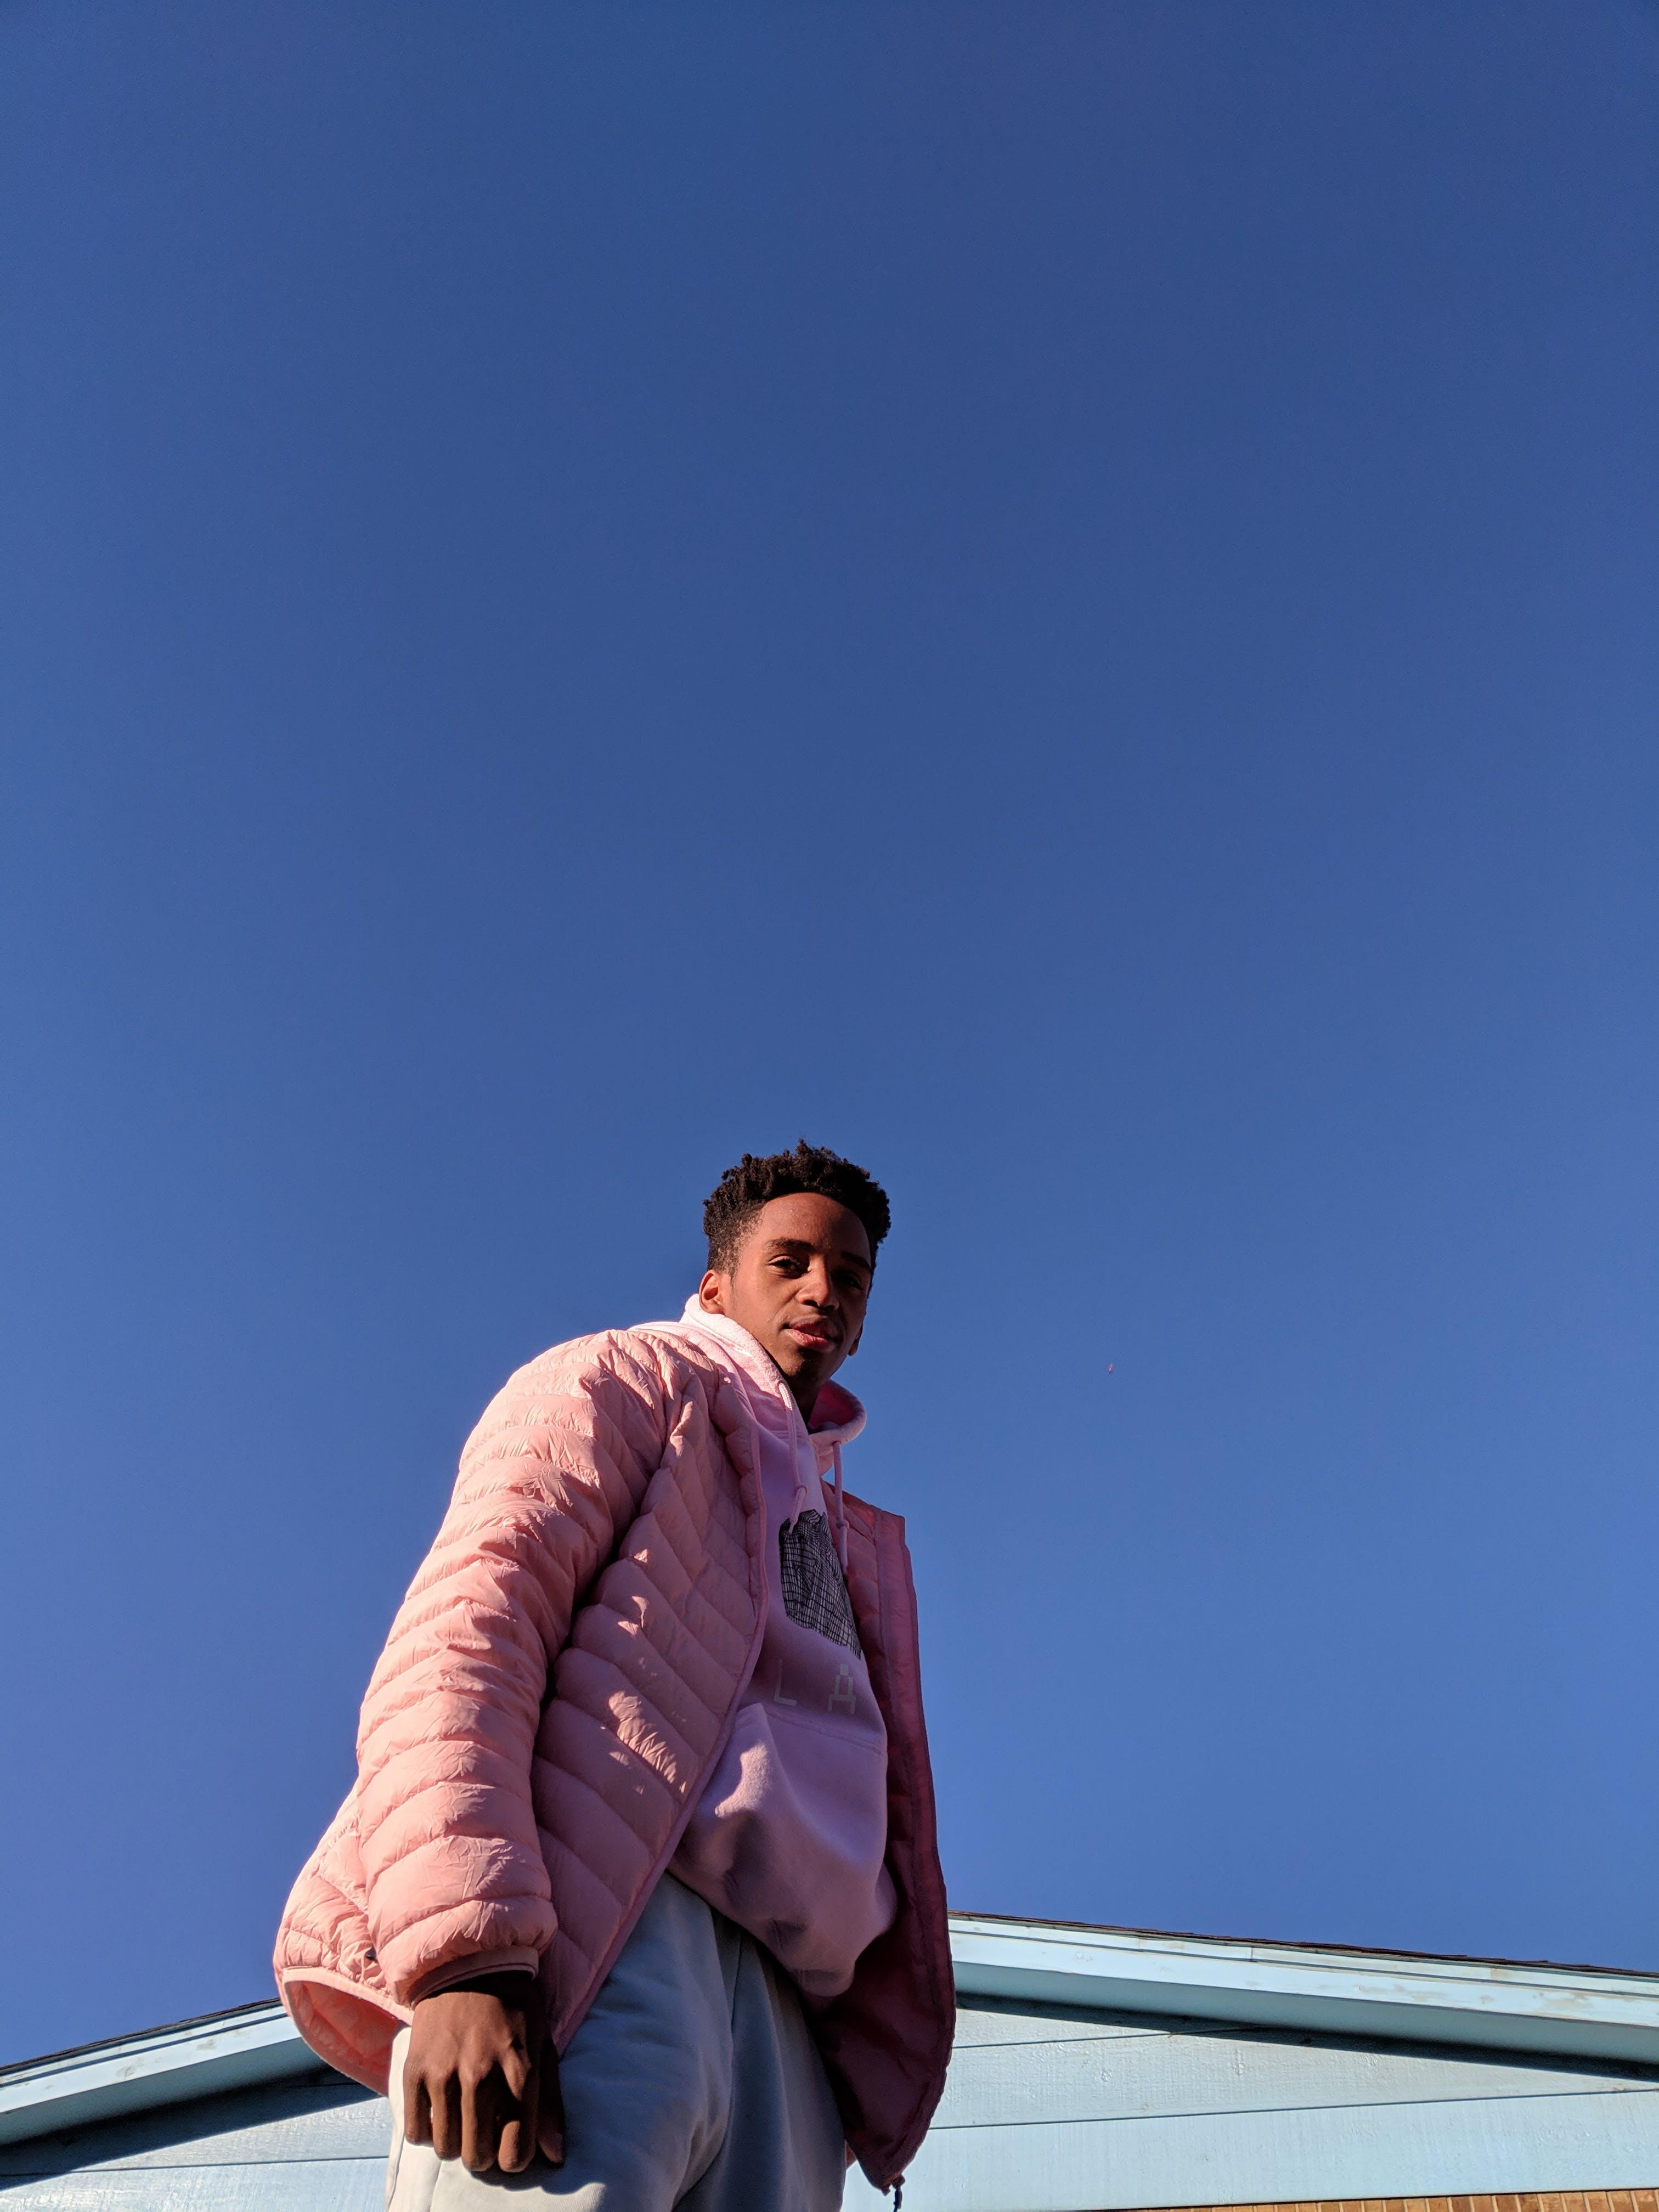 Man Wearing Pink Jacket